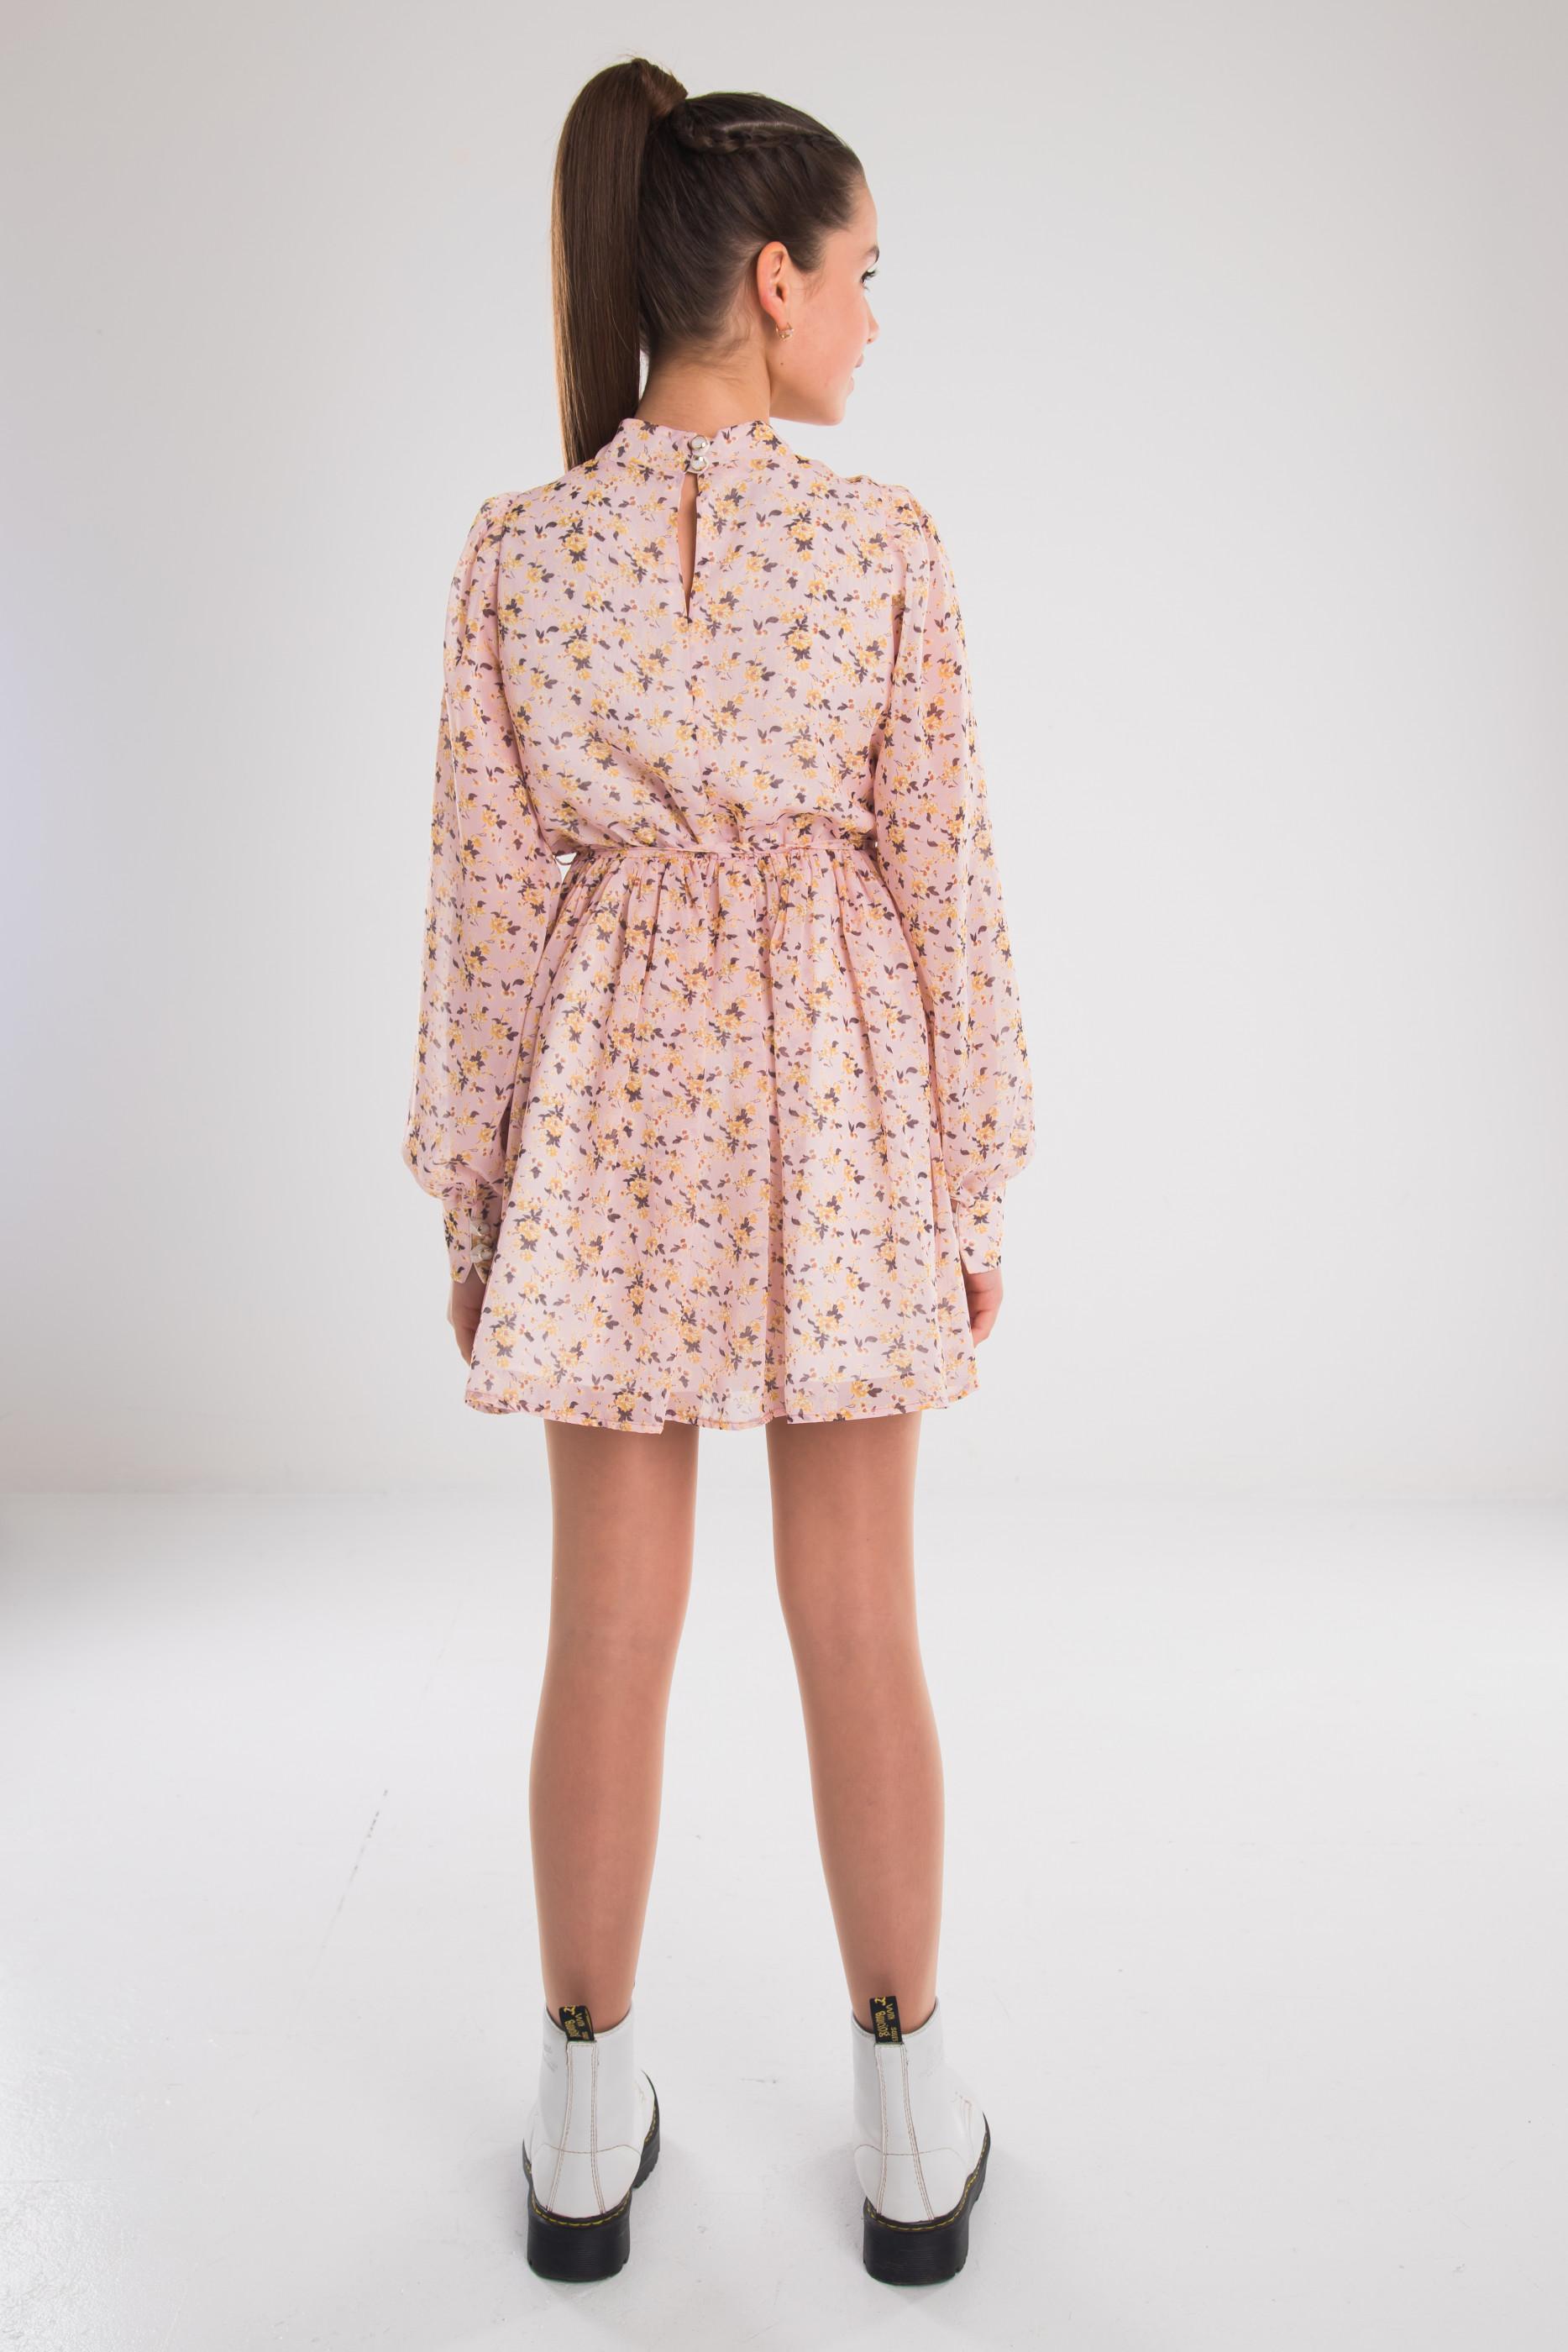 Плаття Меліса, фото №2